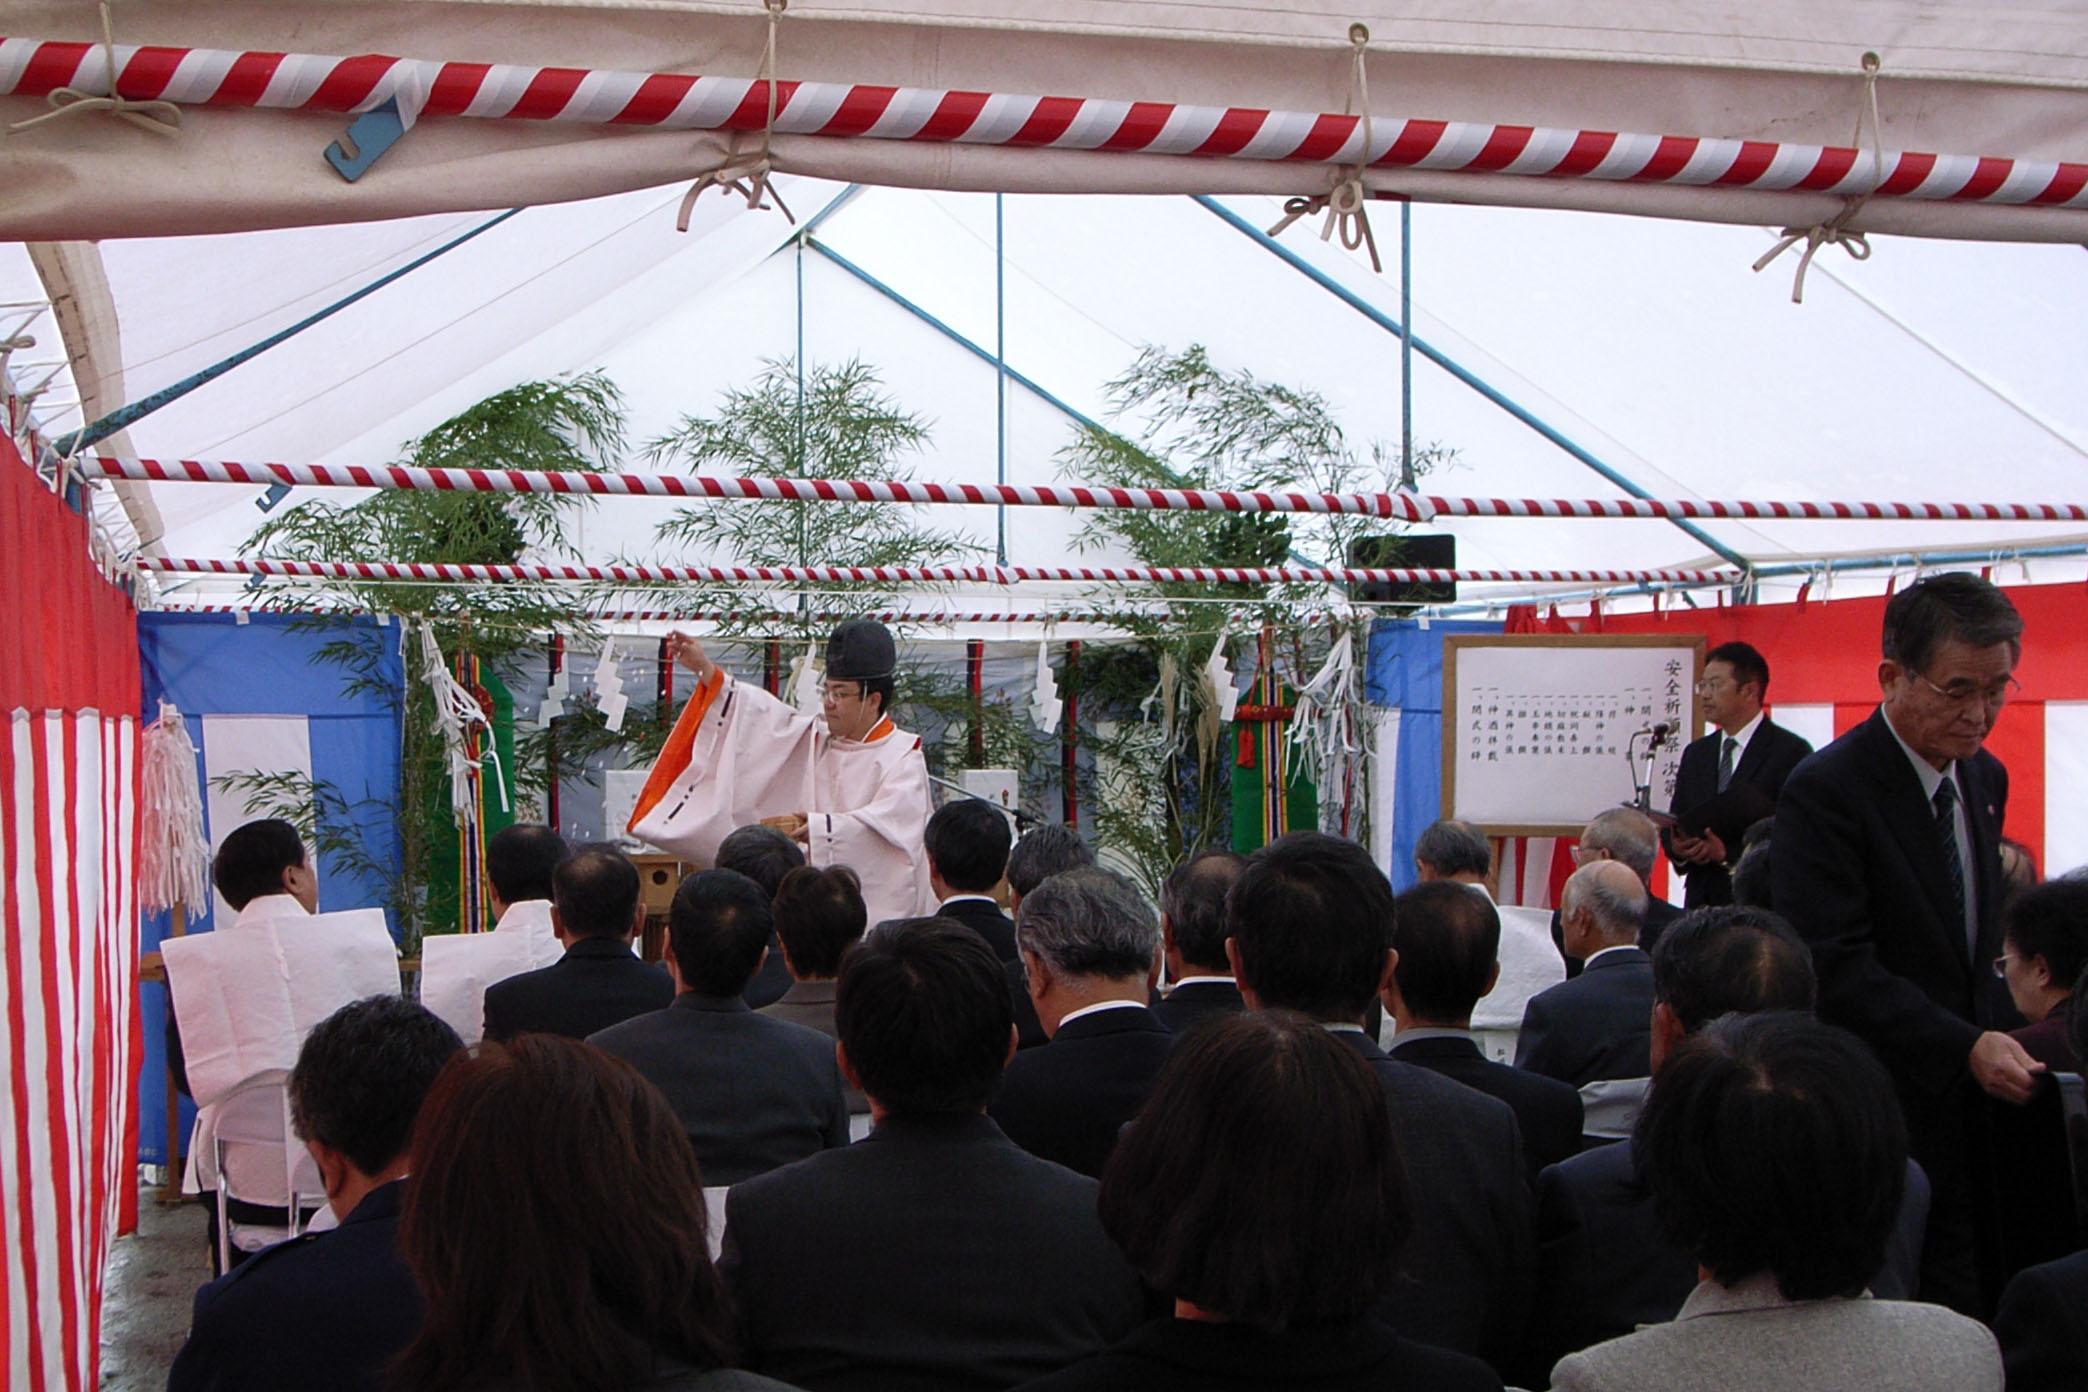 松川村多目的交流センターの起工式が行われました_d0097795_17275284.jpg